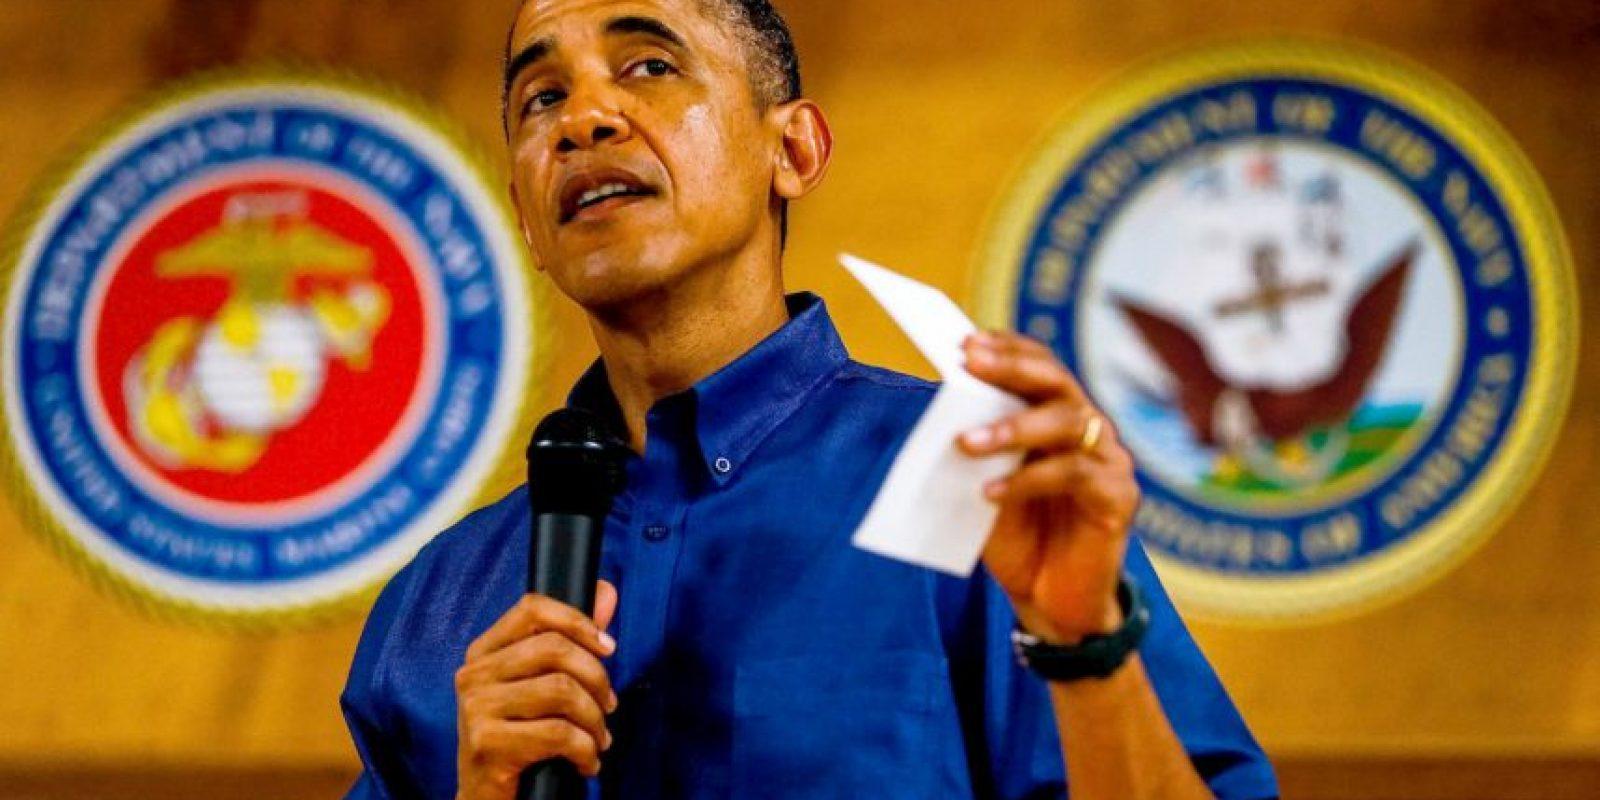 3. También dijo que quiere ayudar a los jóvenes desfavorecidos y a las familias de los militares. Foto:Getty Images